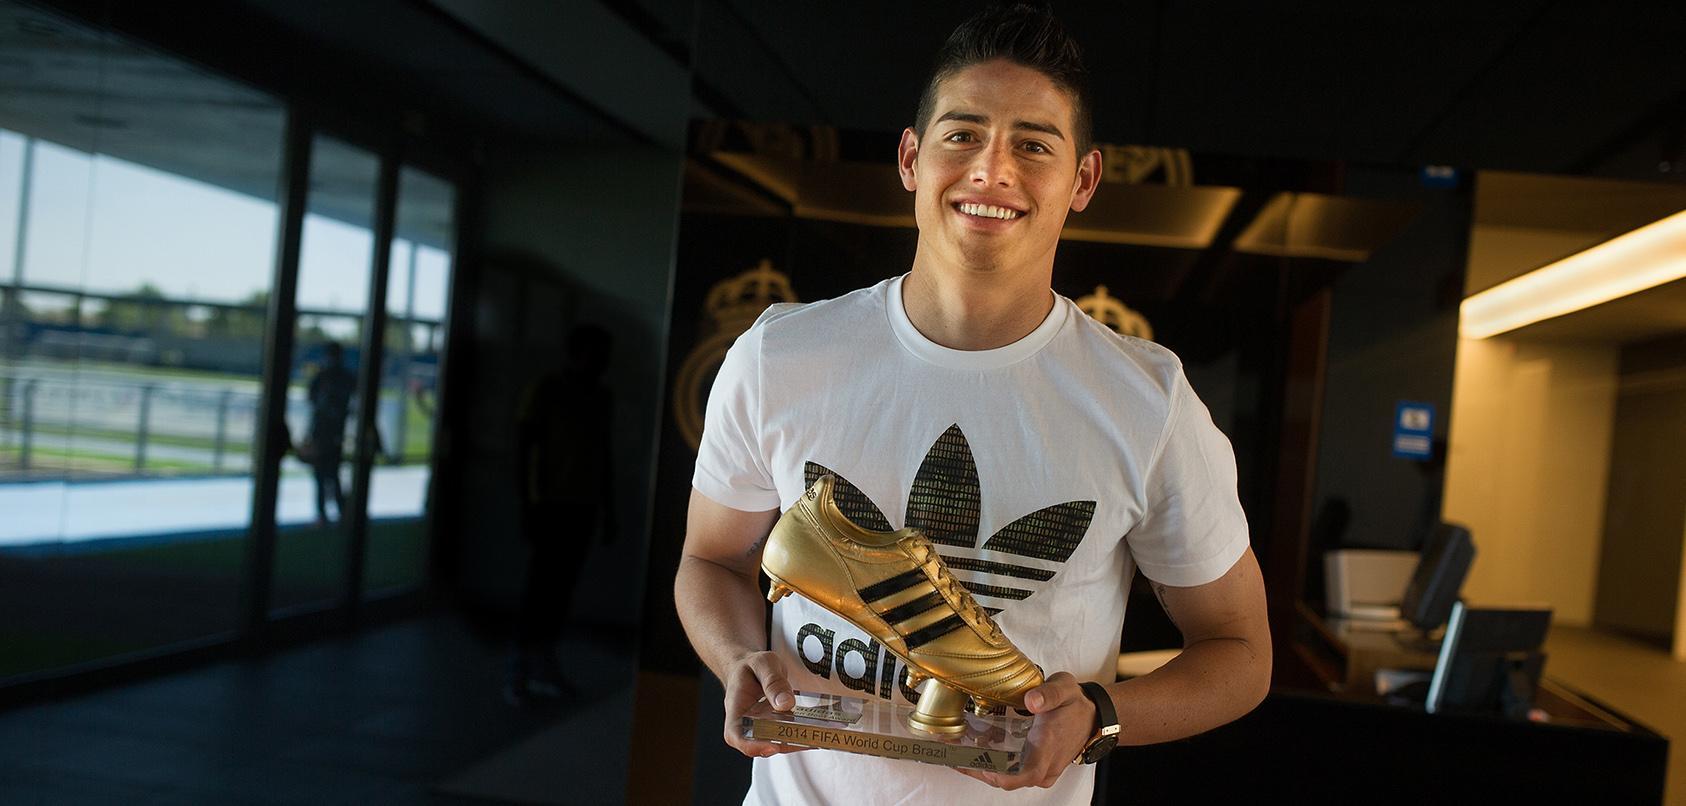 Хамес Родригес получил Золотую бутсу - изображение 2